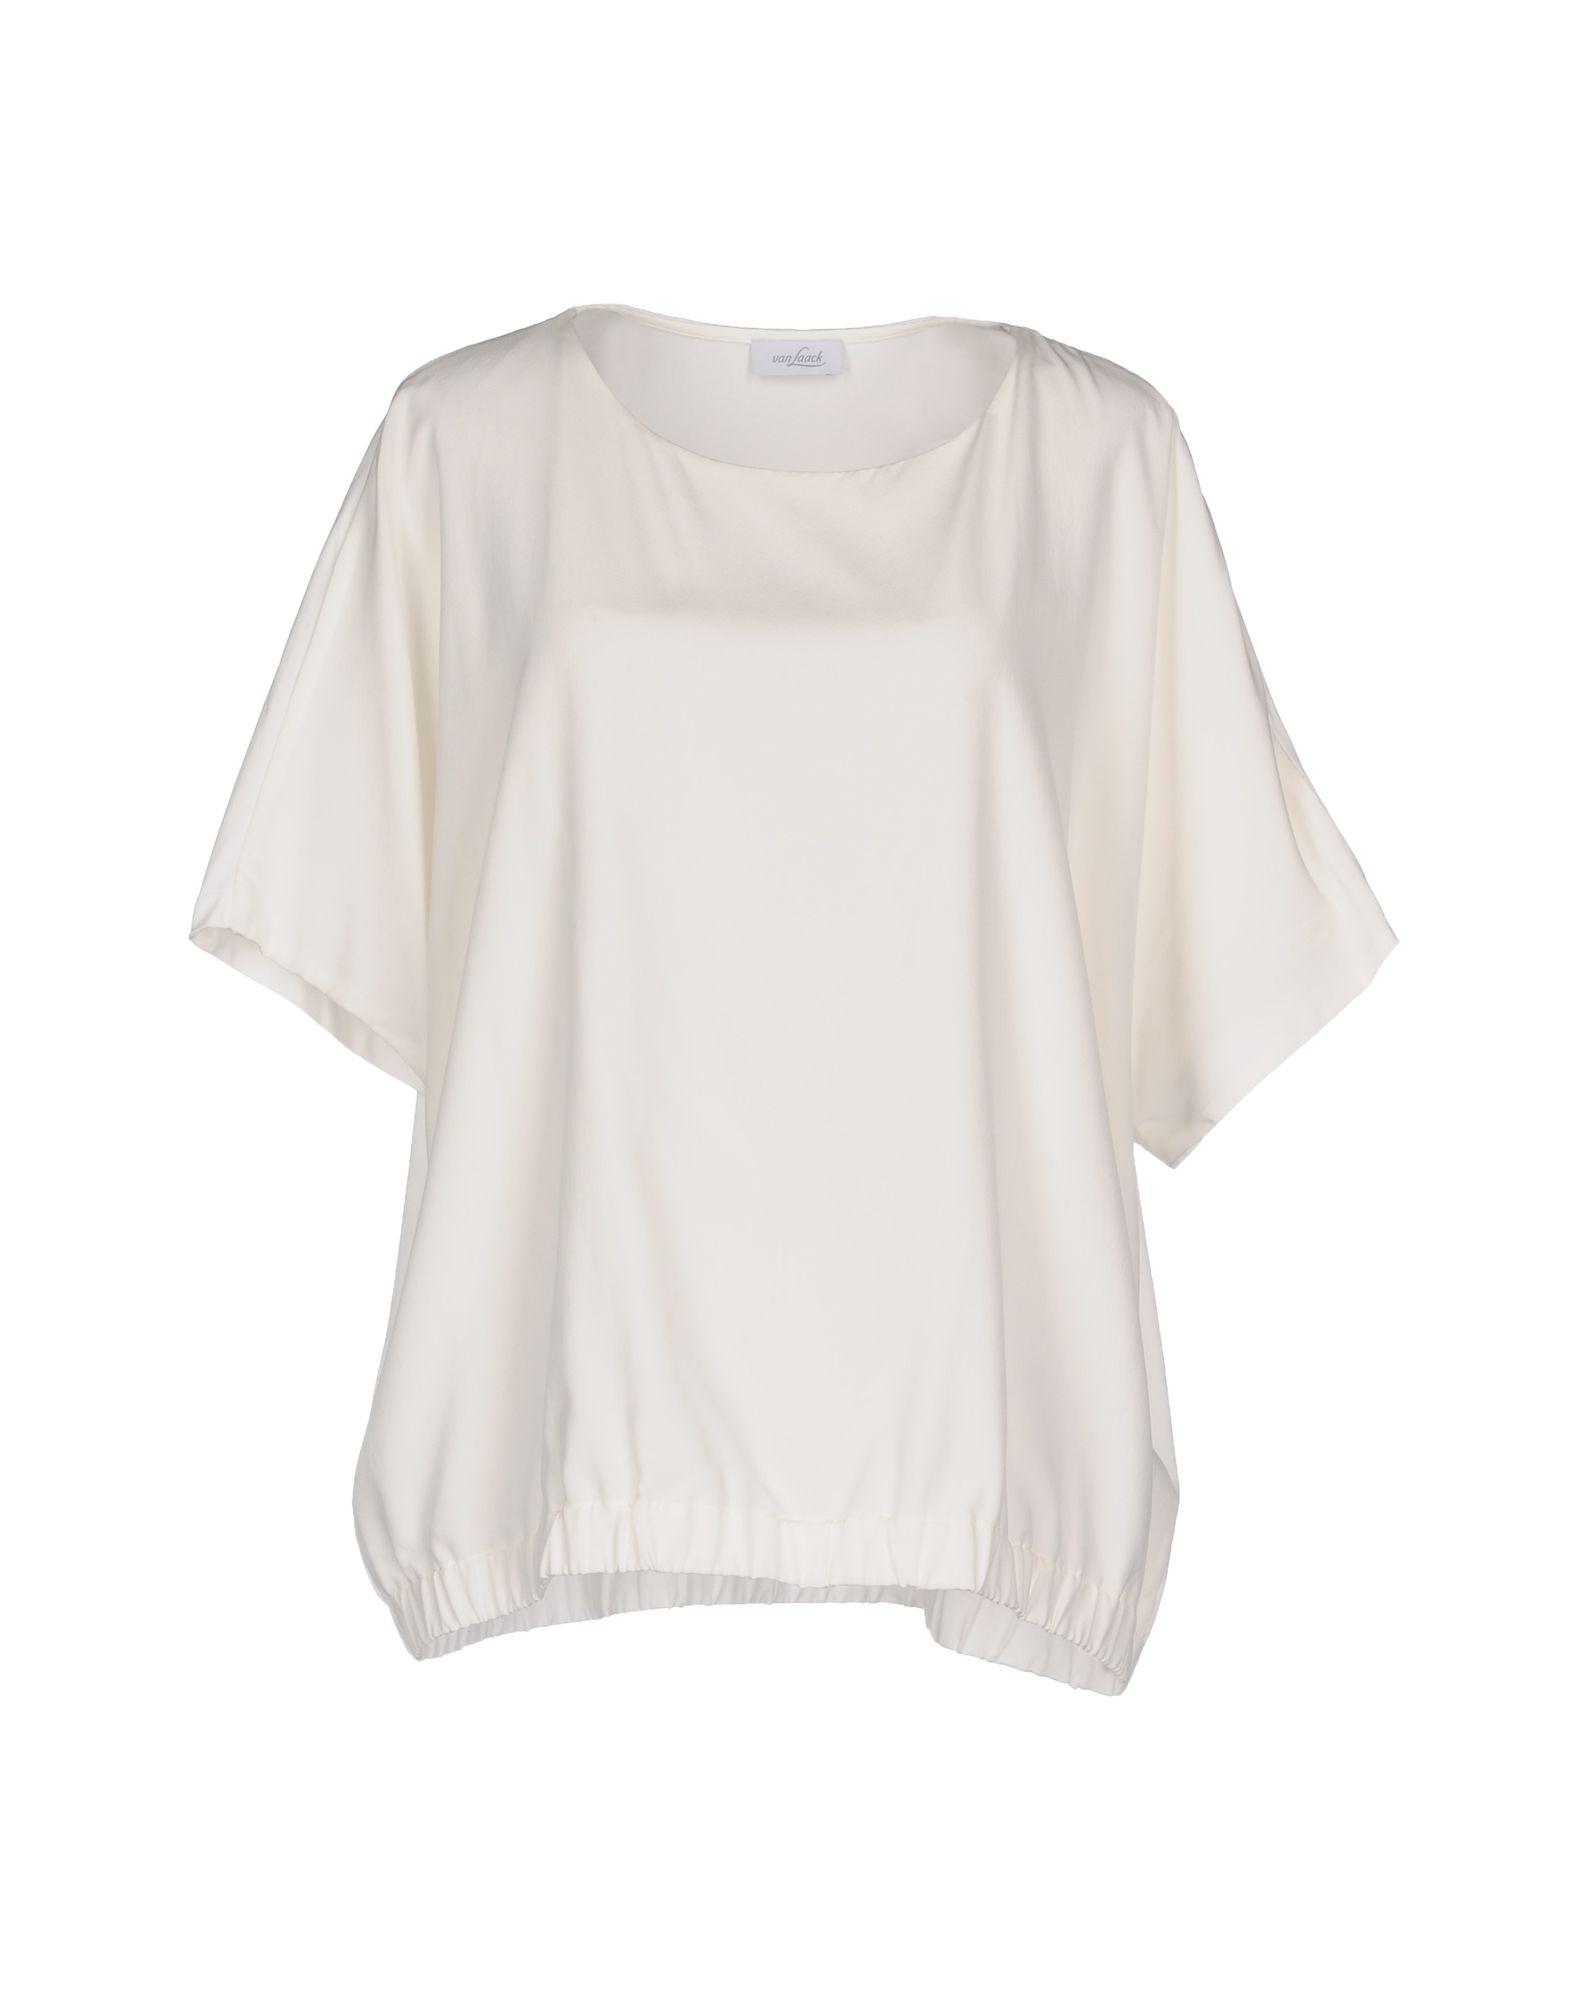 все цены на VAN LAACK Блузка в интернете